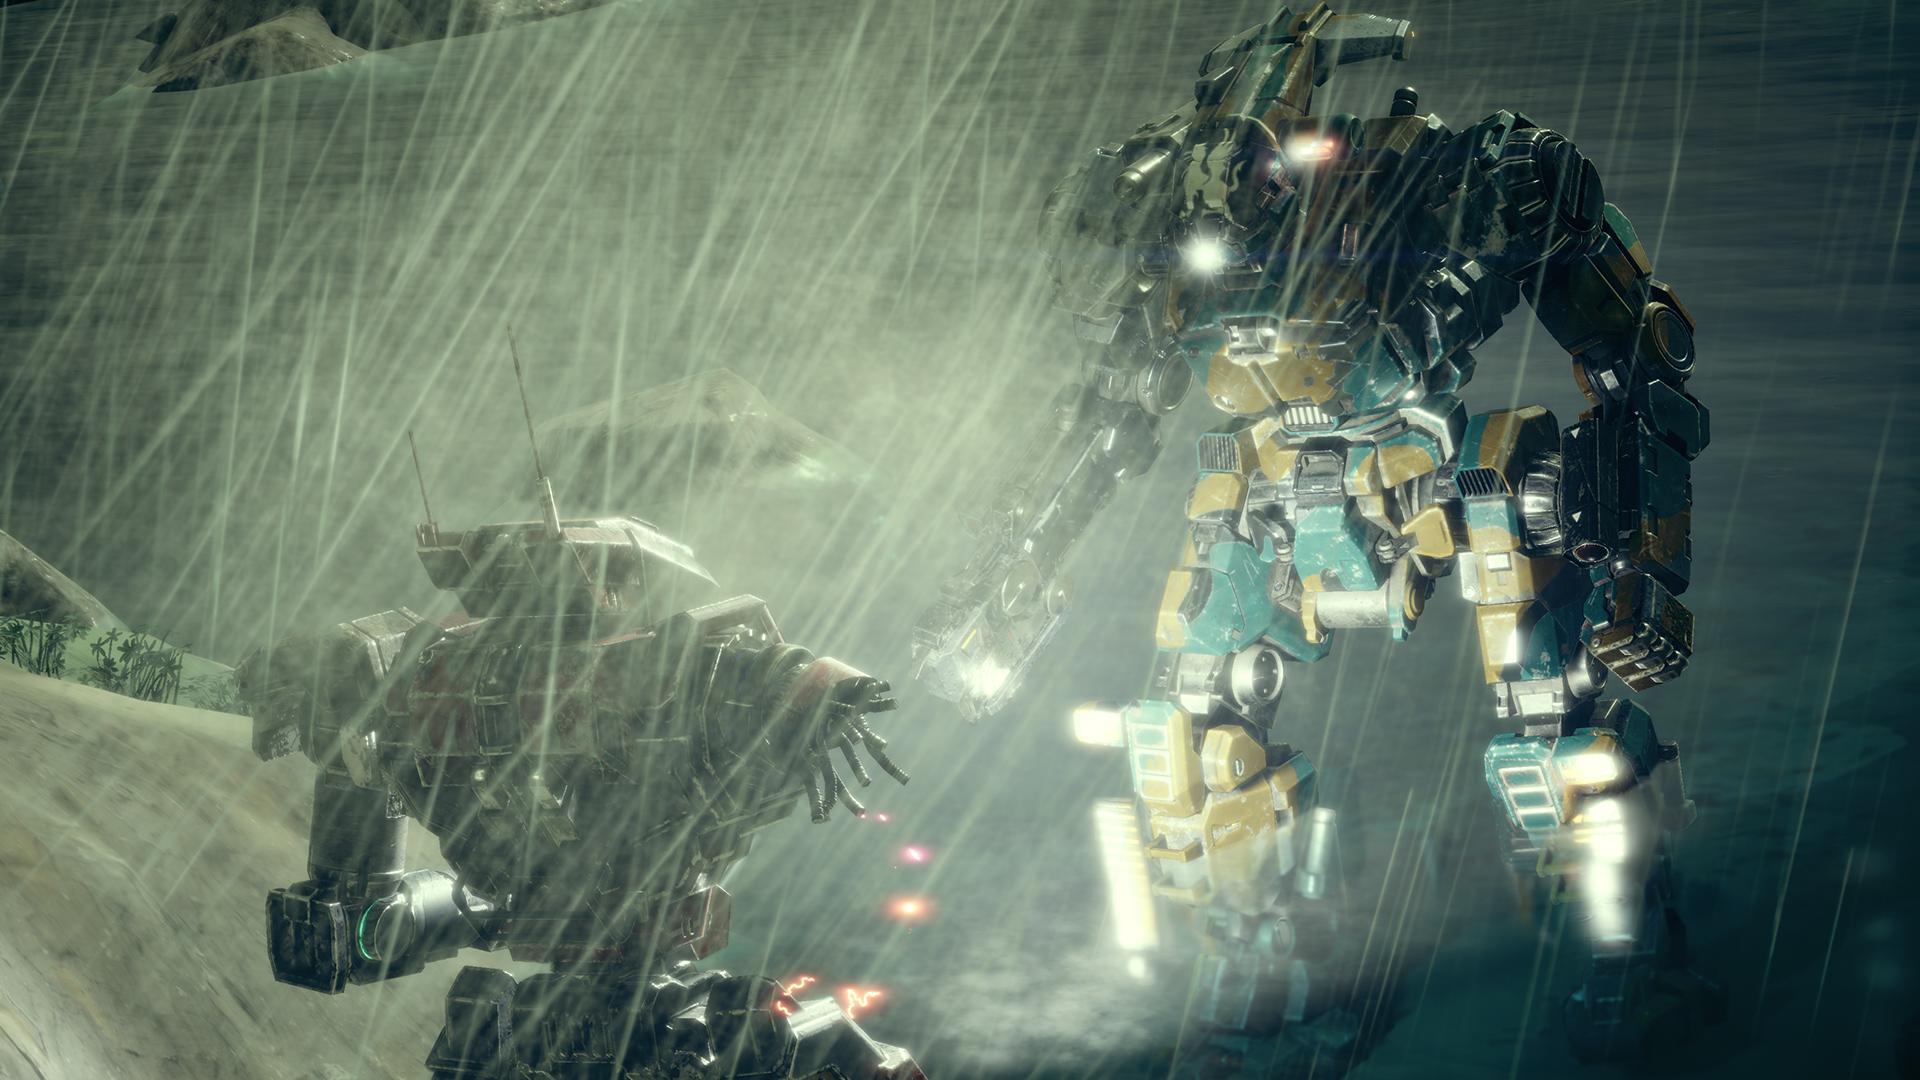 BattleTech launches new Flashpoint DLC